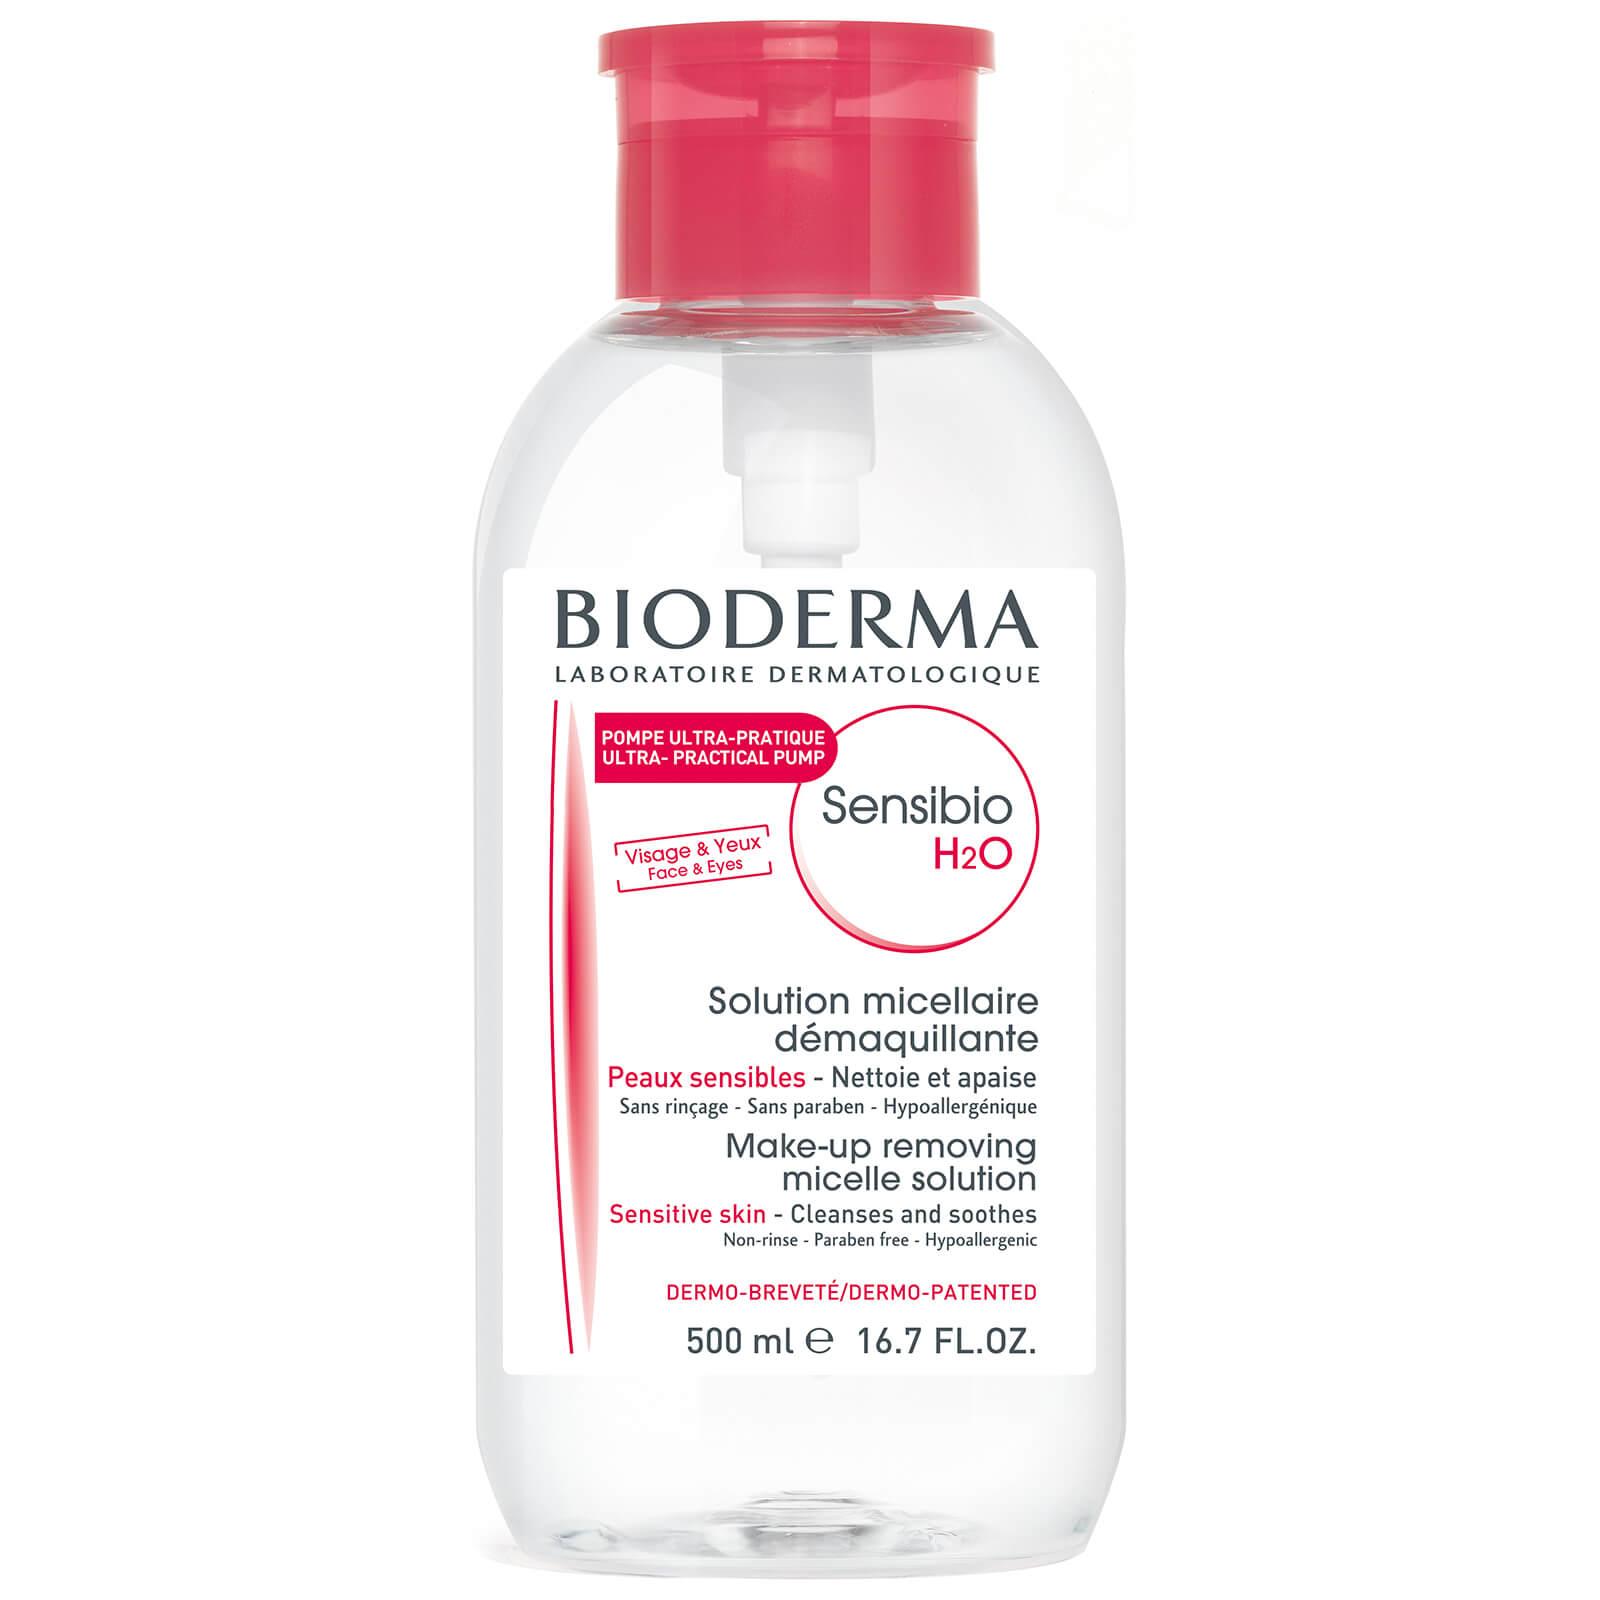 Kết quả hình ảnh cho bioderma remover